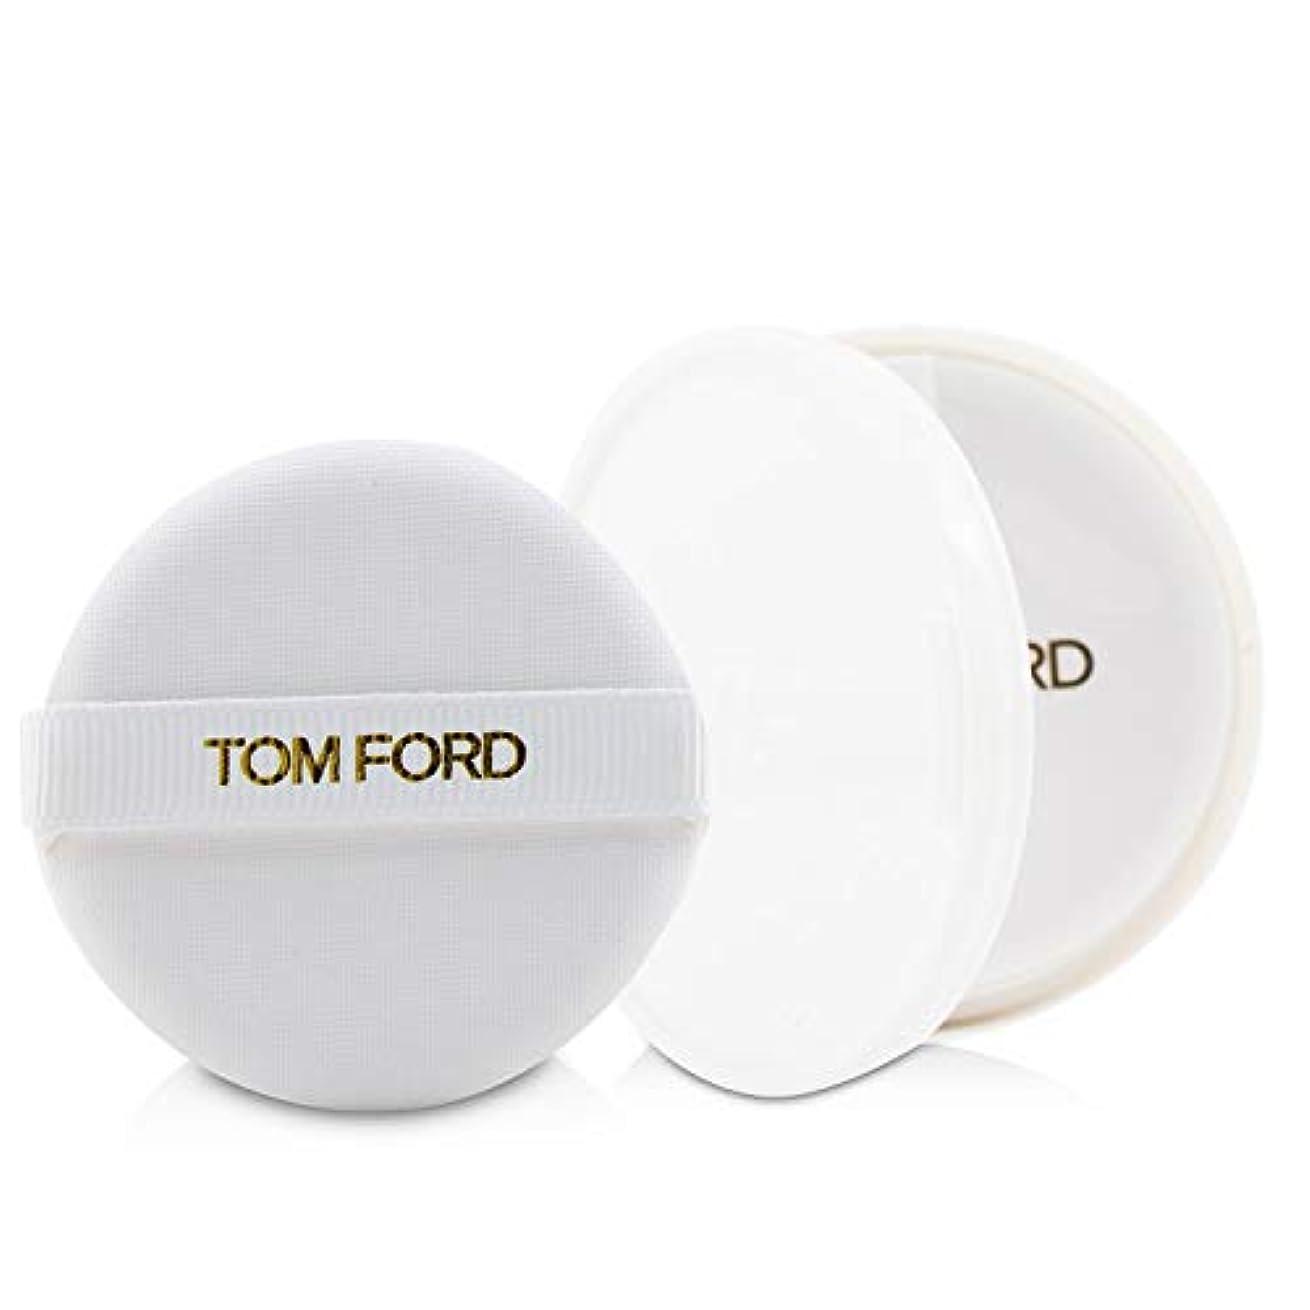 食品劇場再集計トム フォード Soleil Glow Tone Up Hydrating Cushion Compact Foundation SPF40 Refill - # 7.8 Warm Bronze 12g/0.42oz並行輸入品